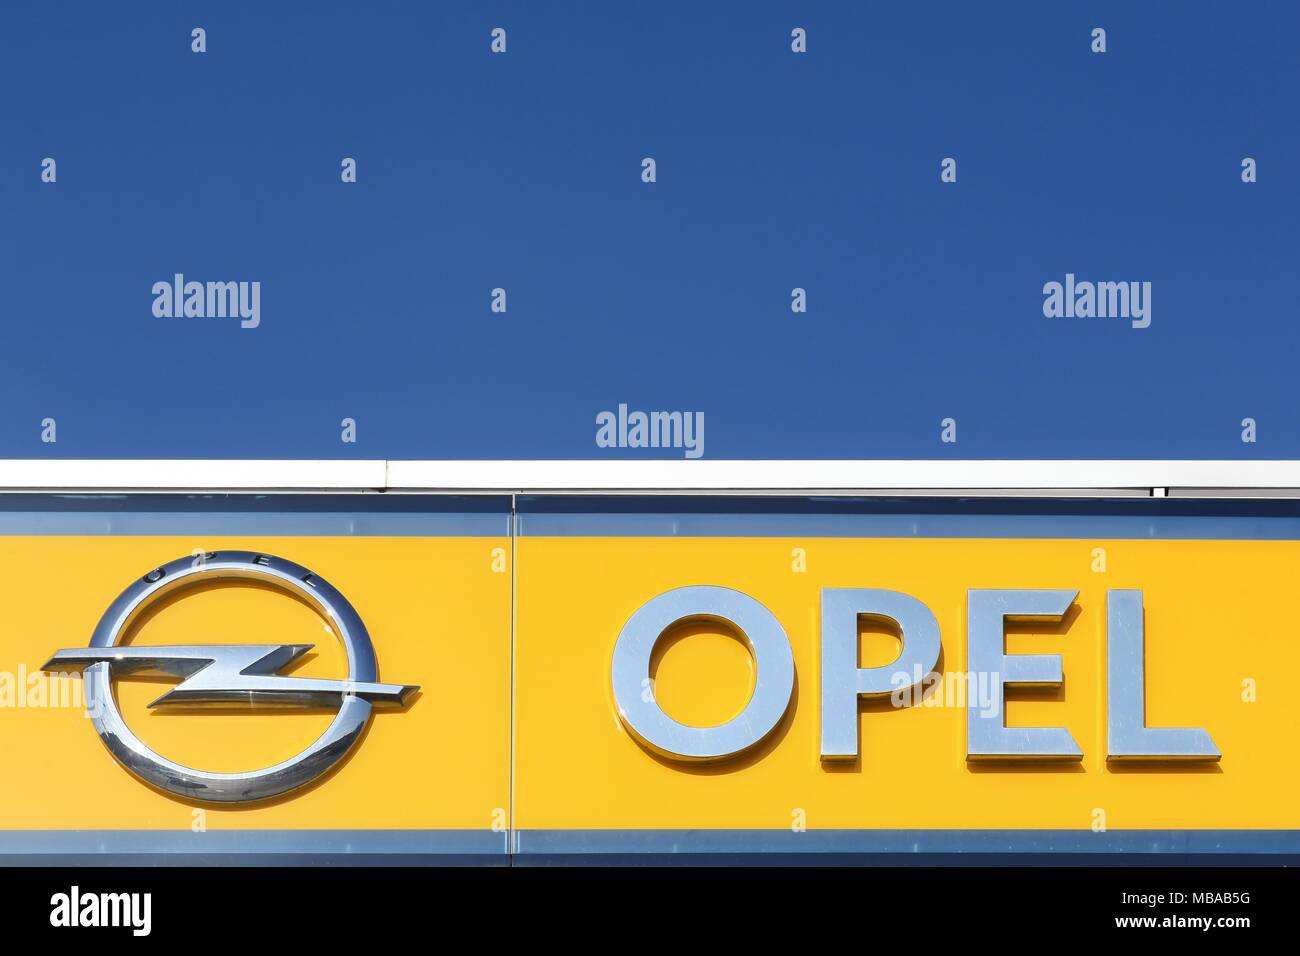 7c698b169d7 Opel Russelsheim Stock Photos & Opel Russelsheim Stock Images - Alamy